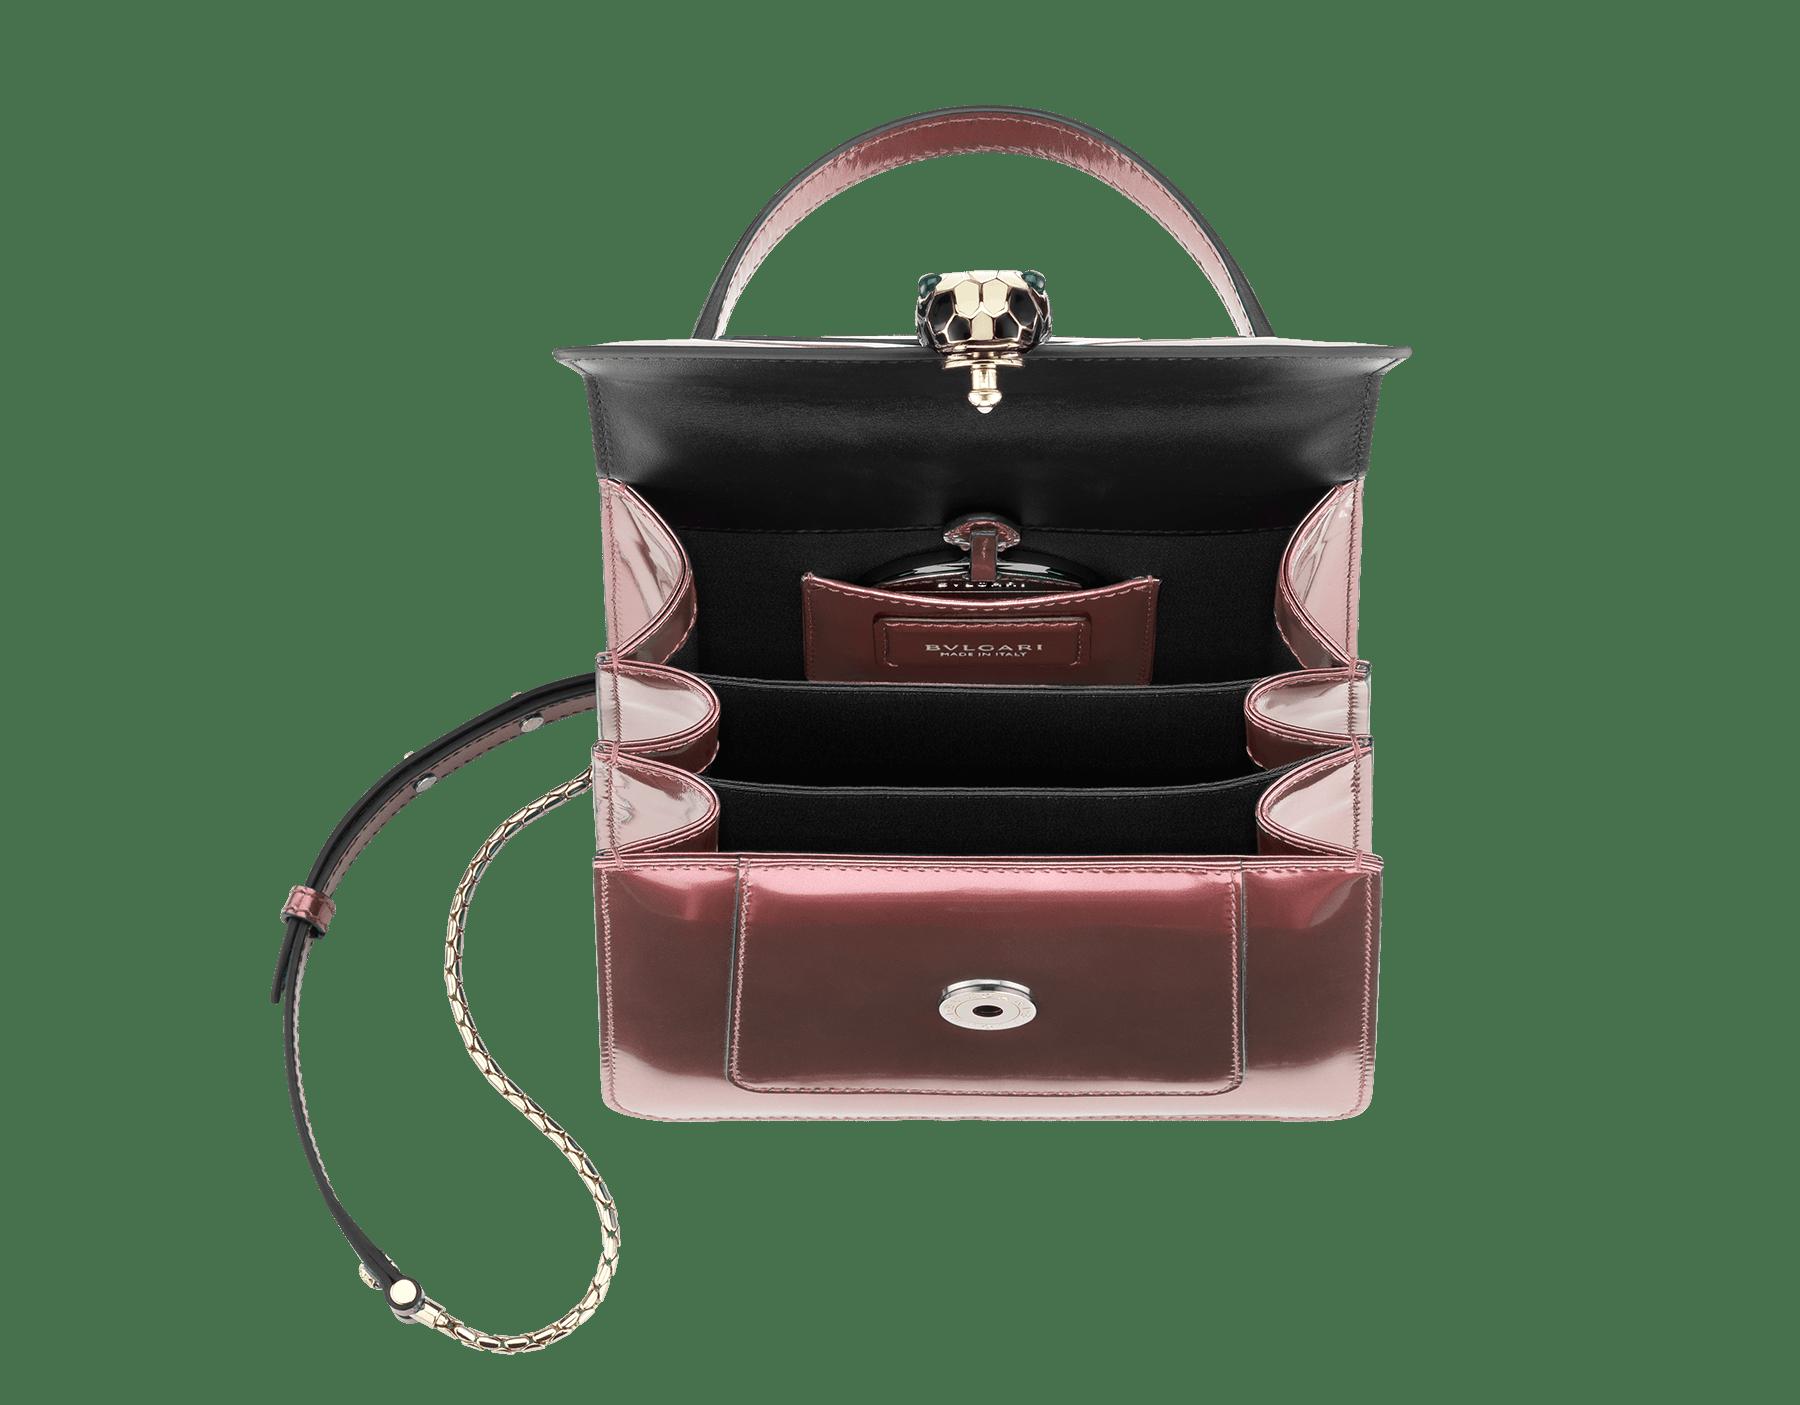 Bolsa com aba Serpenti Forever em couro de novilho rosa-quartzo metálico escovado. Detalhes em latão banhado a ouro claro e fecho em formato de cabeça de serpente esmaltado preto e branco, com olhos de malaquita verde. 284802 image 4